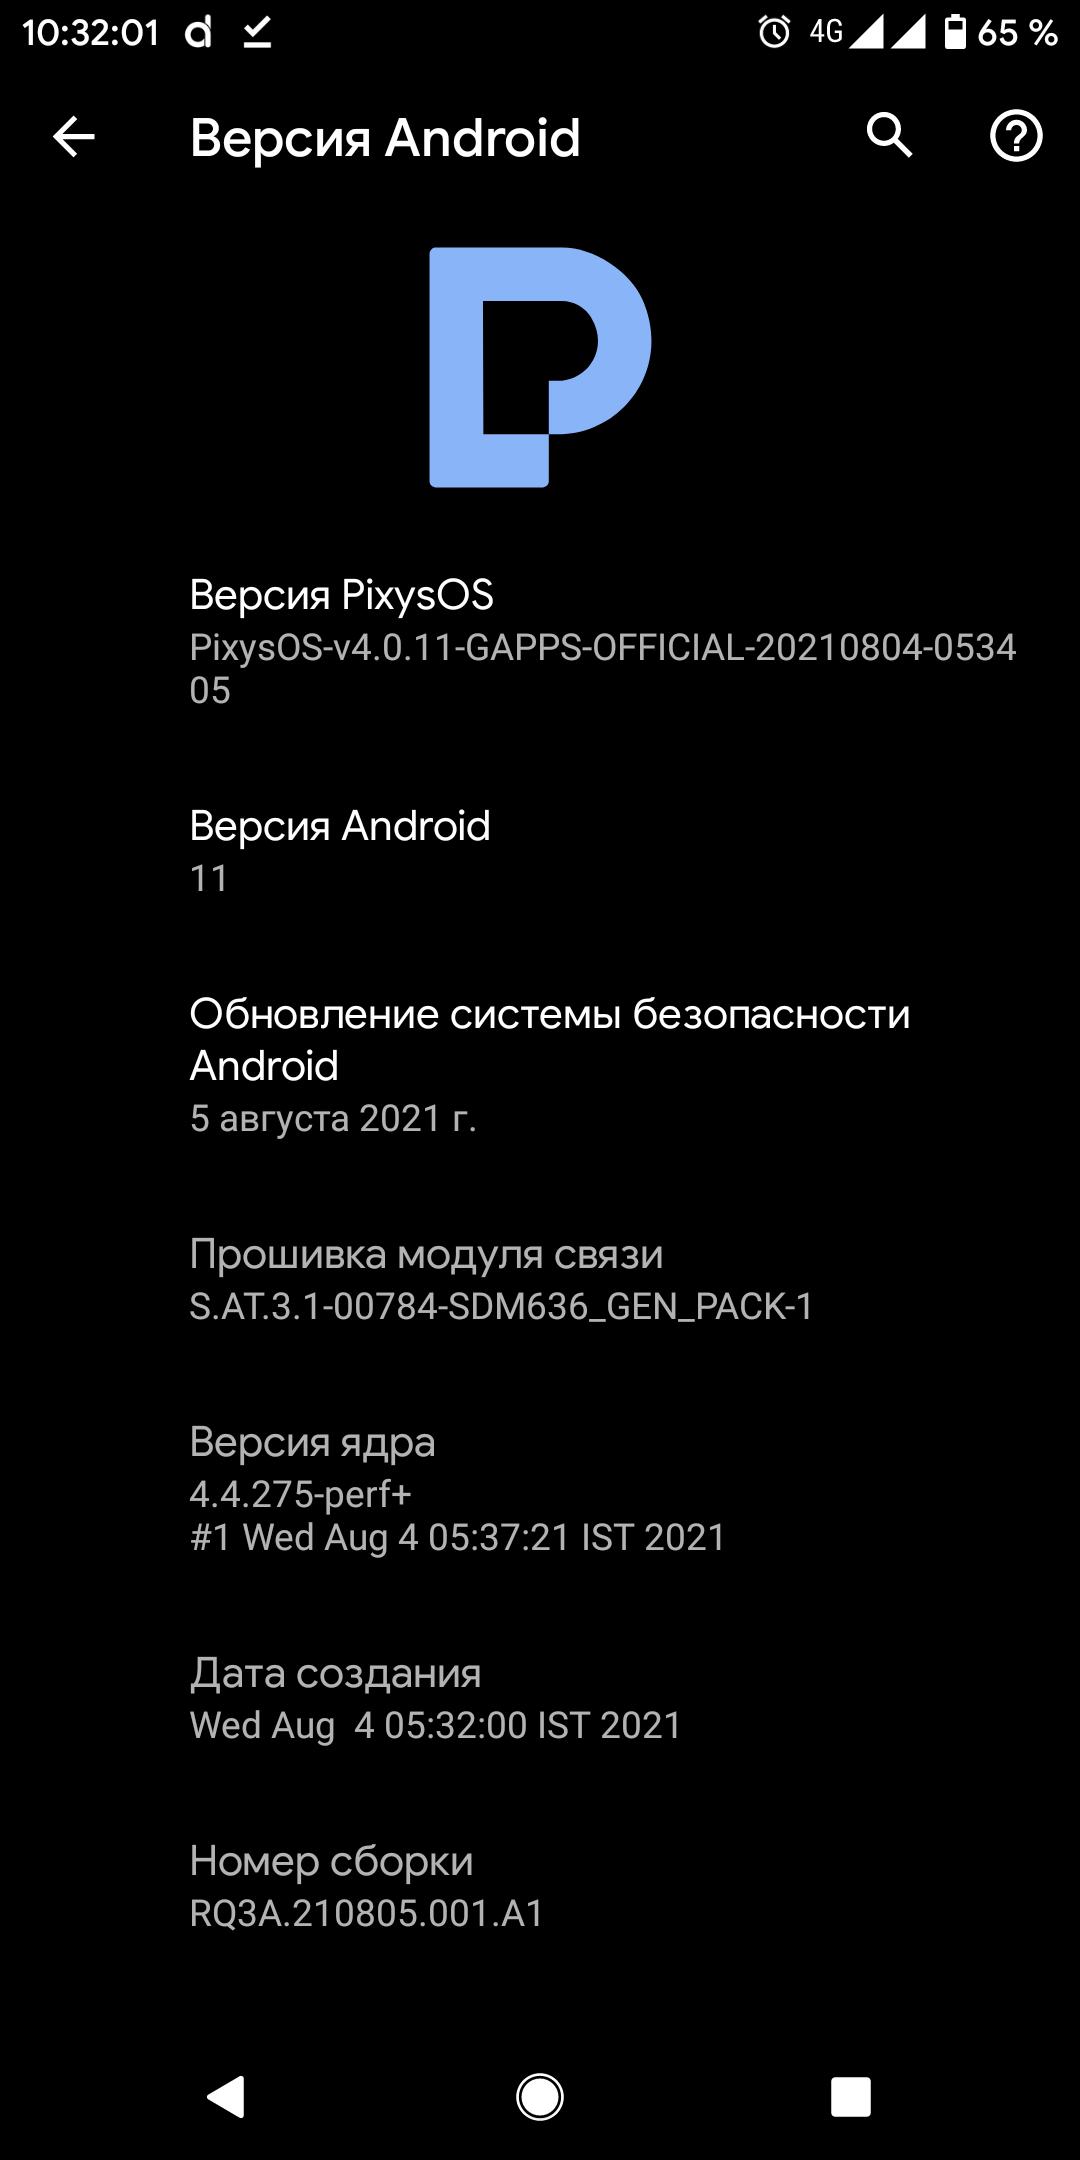 Screenshot_20210831-103202_Настройки.png